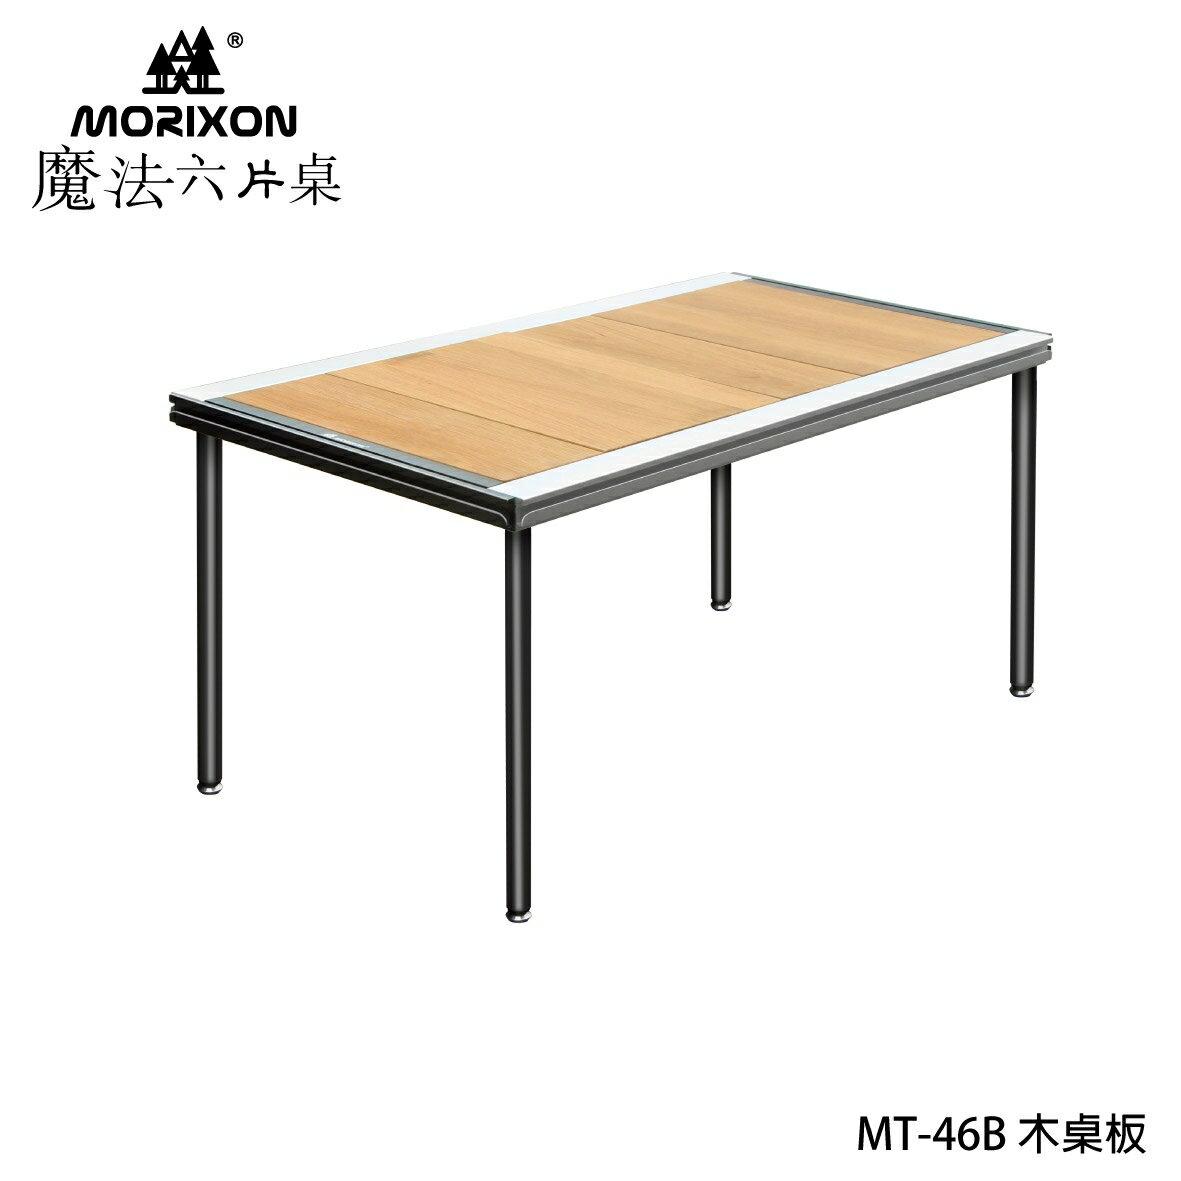 台灣專利【Morixon】魔法六片桌-紅橡木桌板 MT-46B 摺疊桌 折疊桌 系統桌 組合桌 拼接桌 露營桌 戶外桌